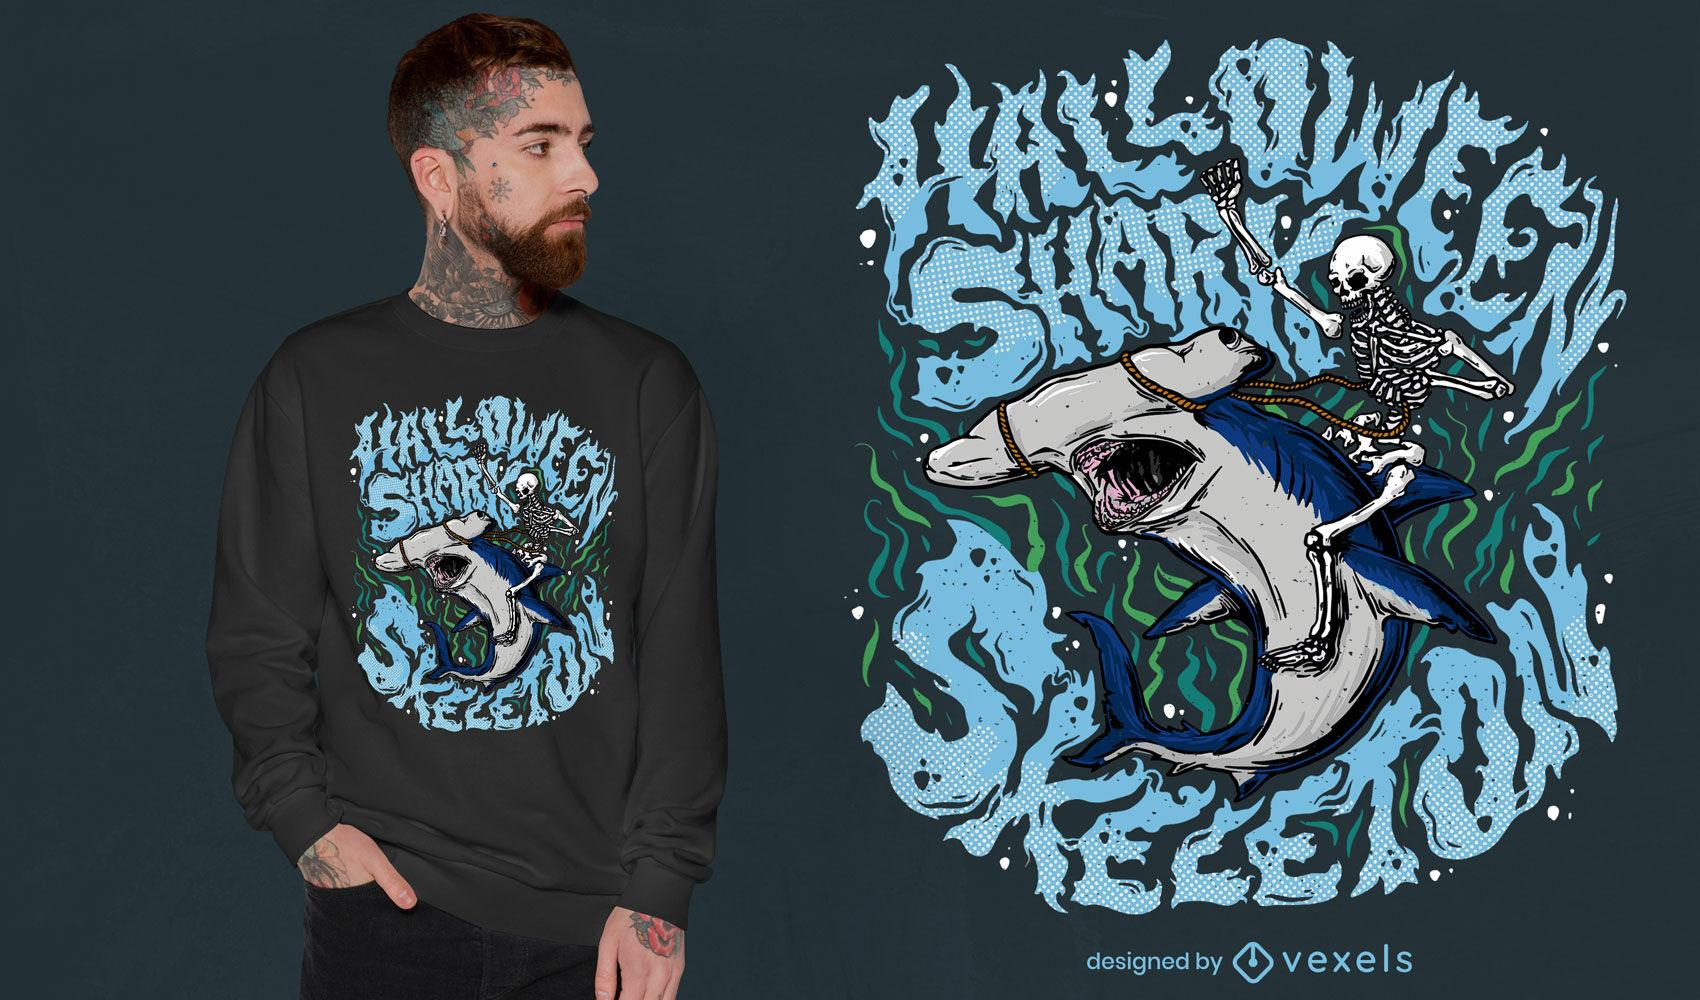 Trippy Halloween dise?o de camiseta de tibur?n y esqueleto.